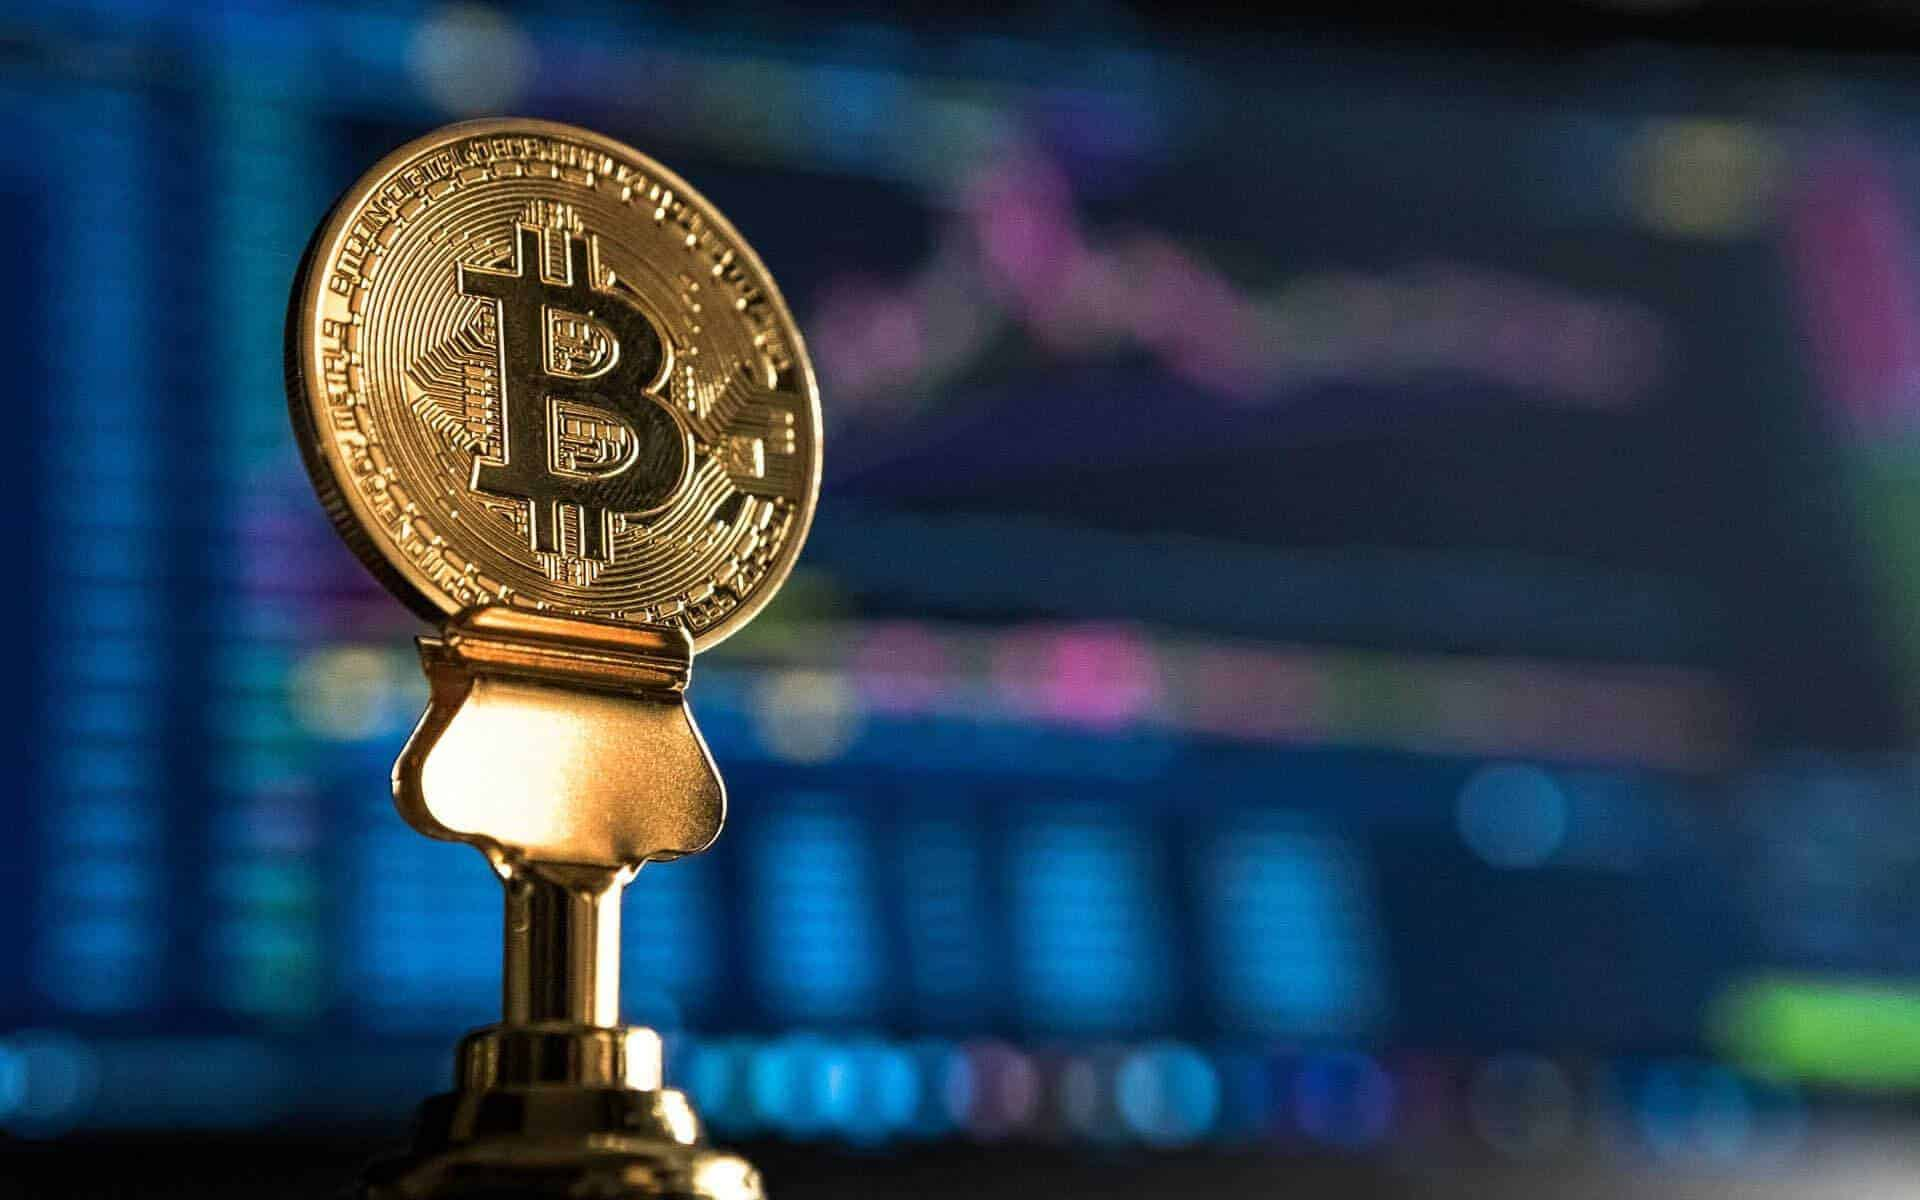 Bitcoin (BTC) de cryptomunt als alternatief voor fiat geld